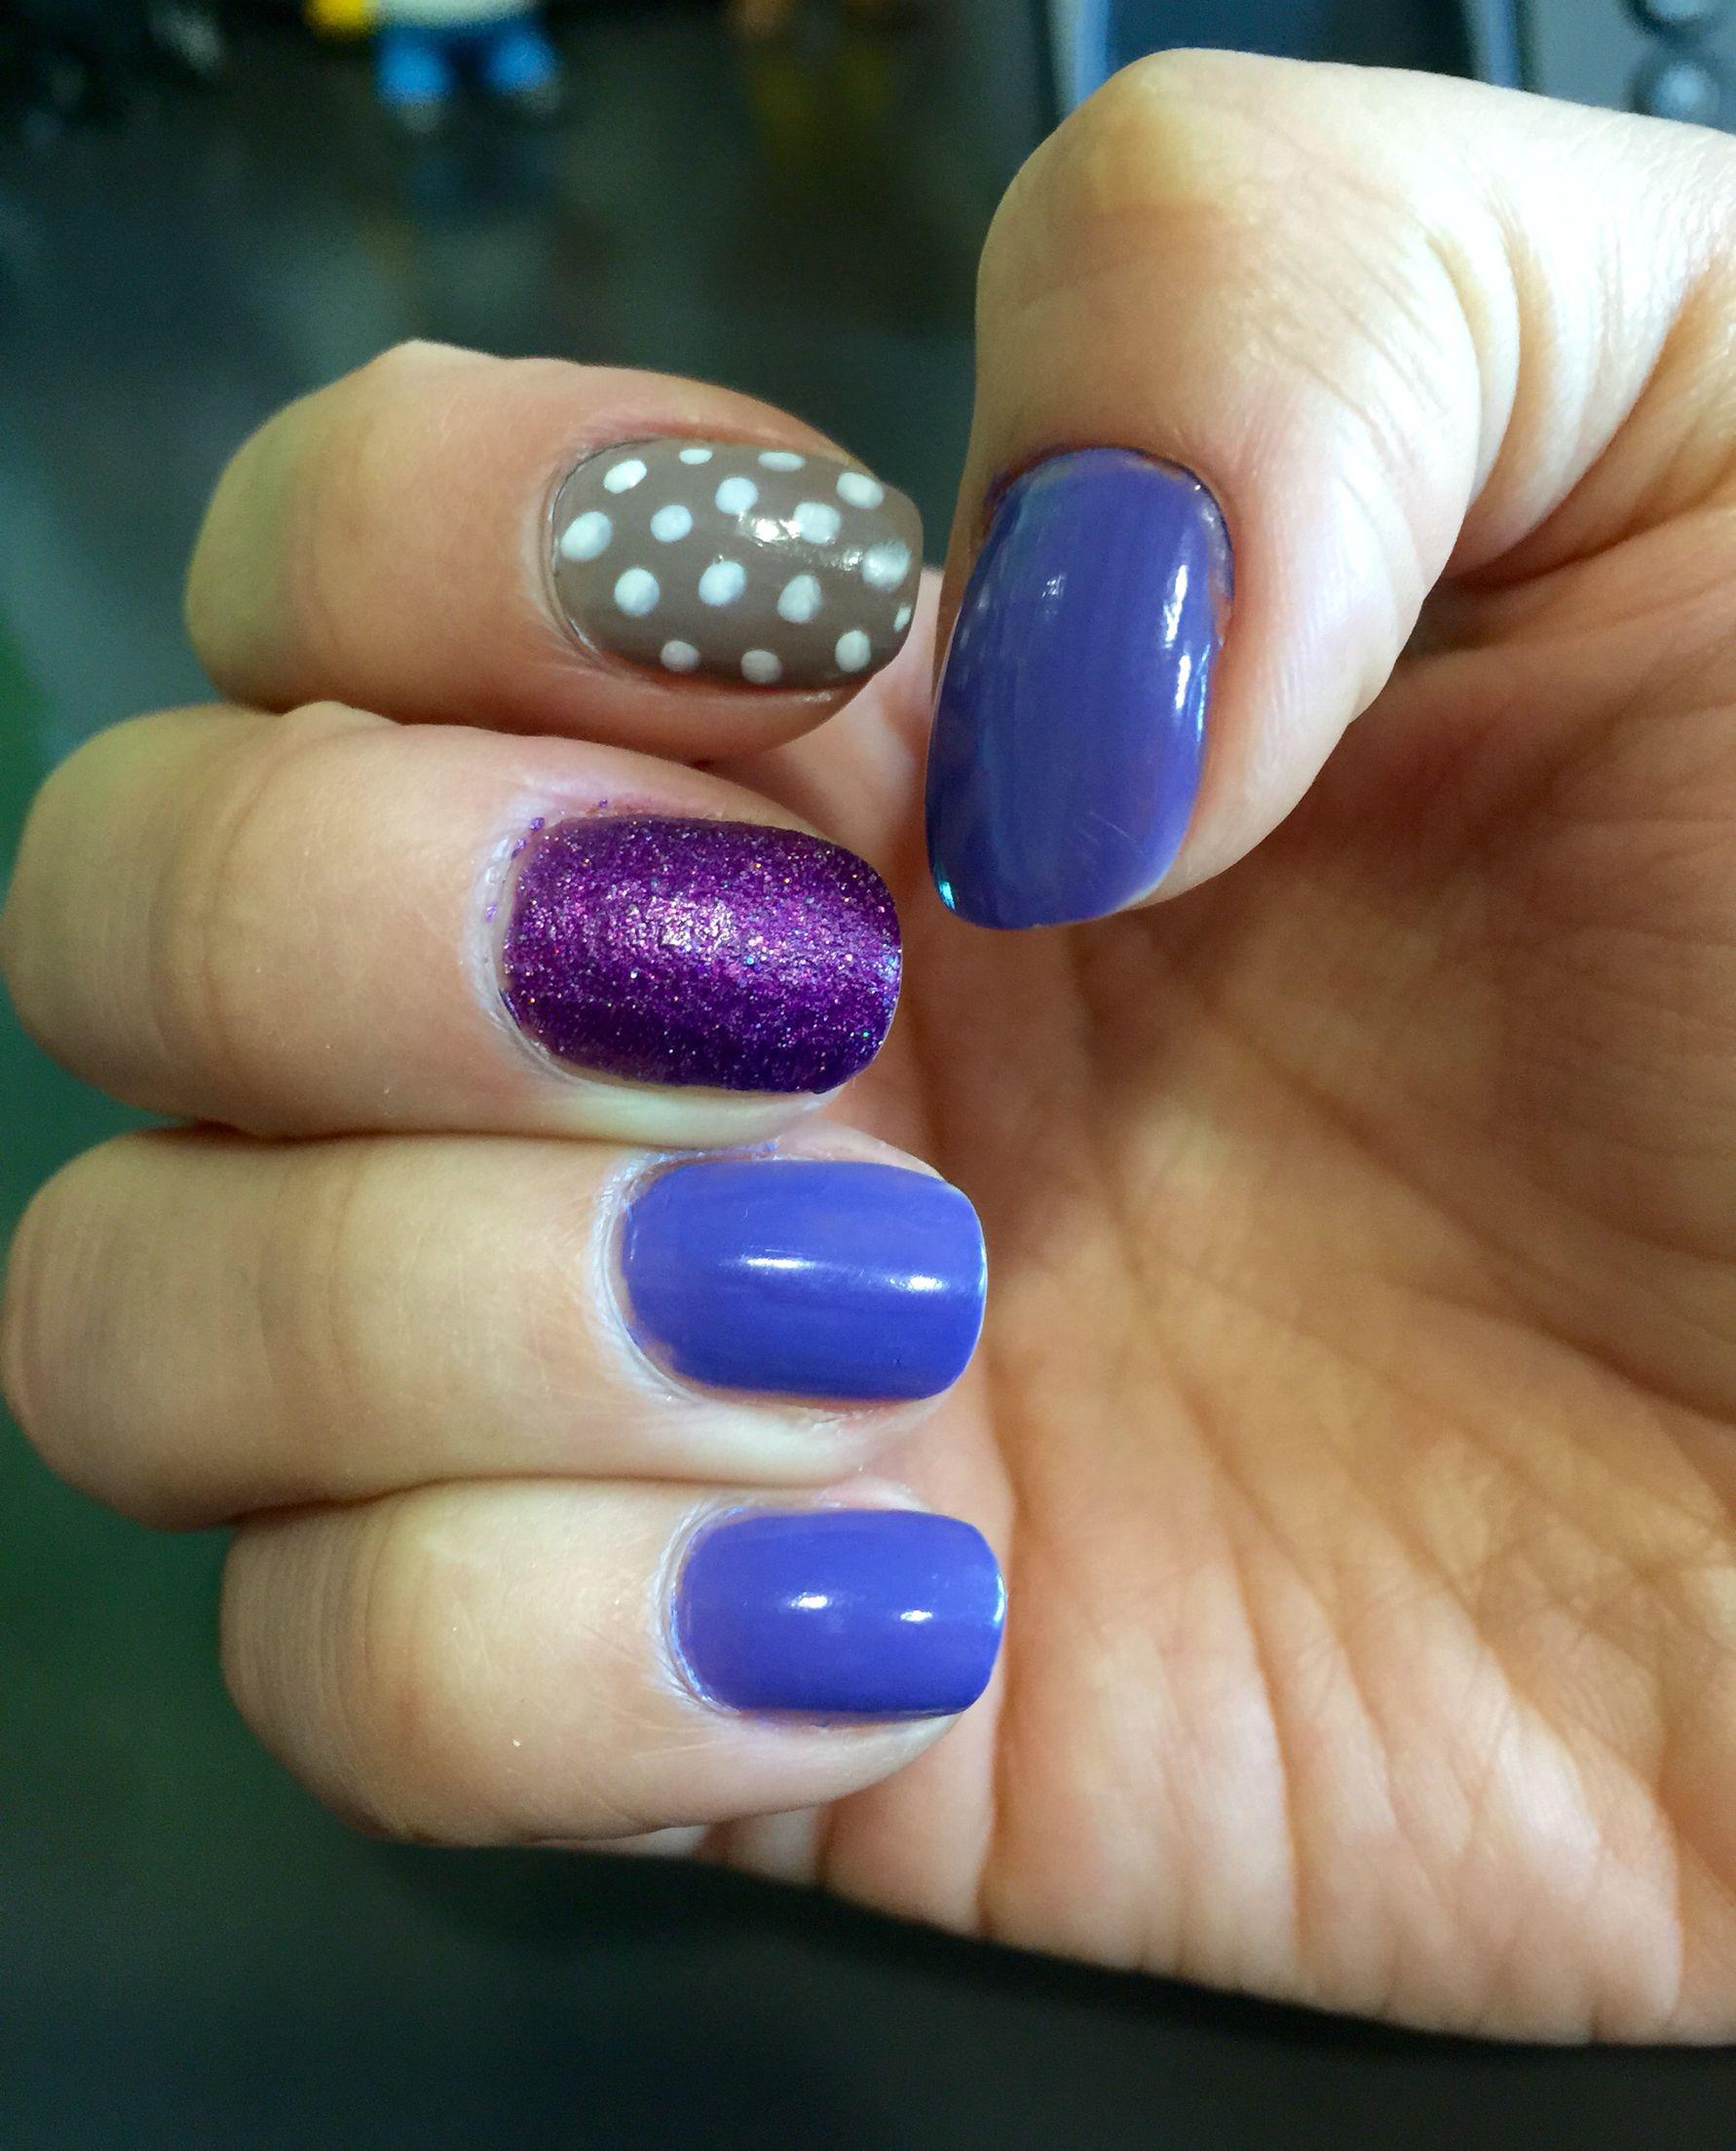 Lilas nails